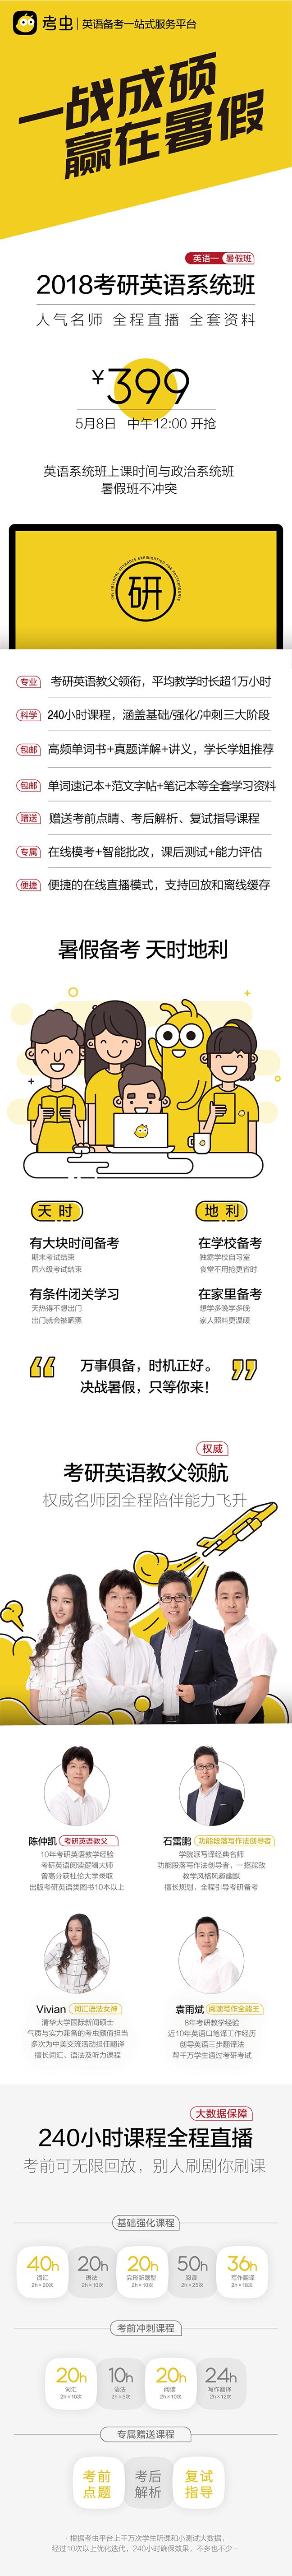 考虫考研英语系统班2017 暑假班-01.png